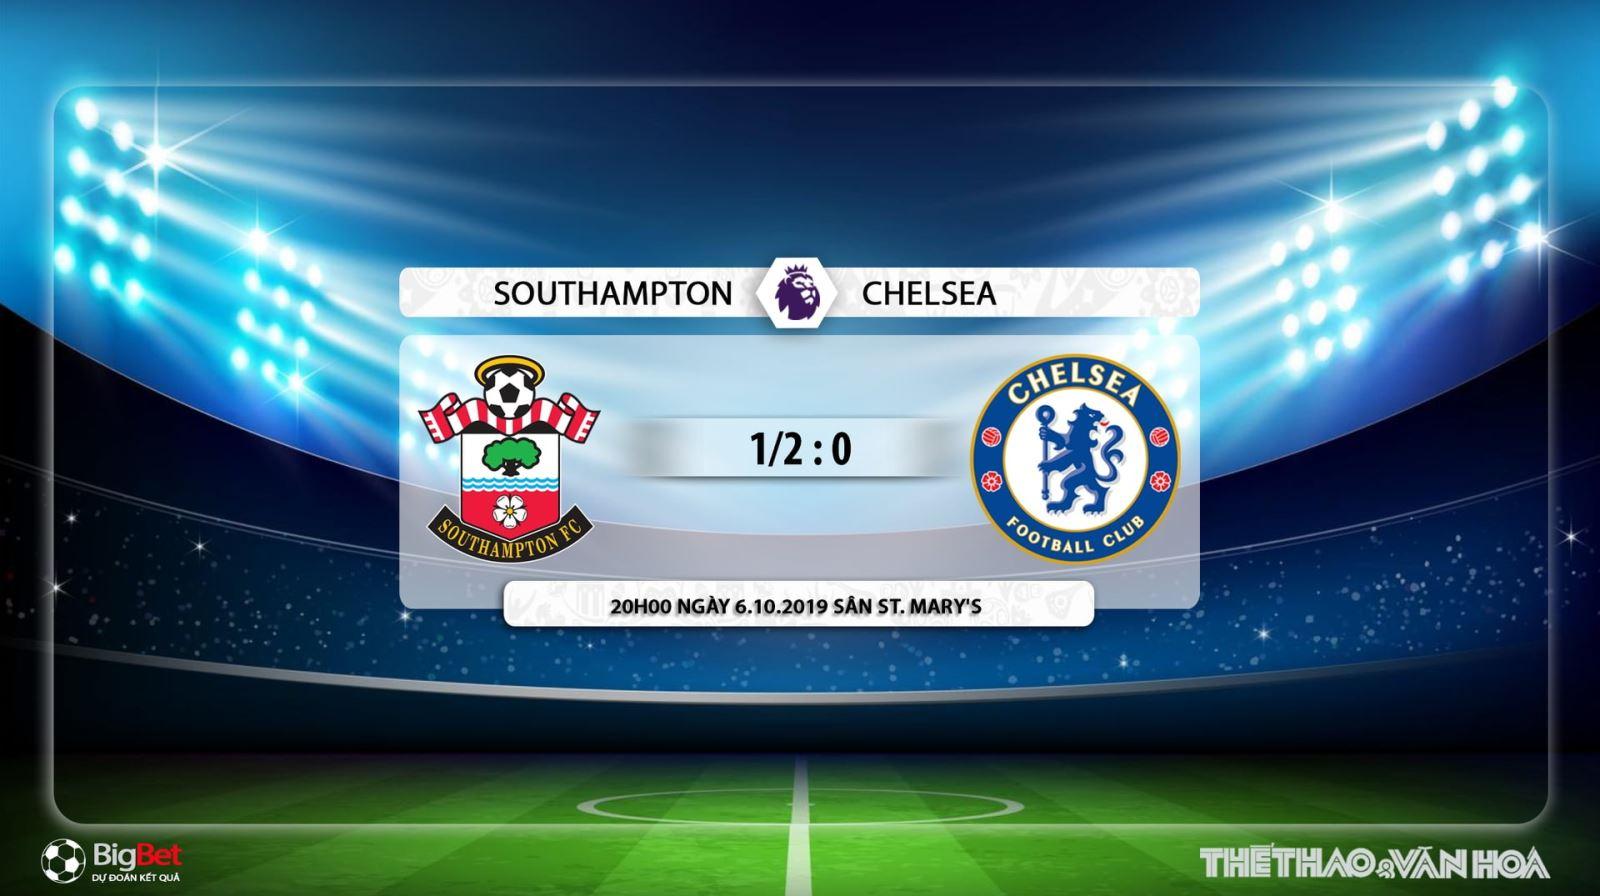 Truc Tiep Bong Da Hom Nay Southampton đấu Với Chelsea K K Pm Xem Bong Da Ttvh Online